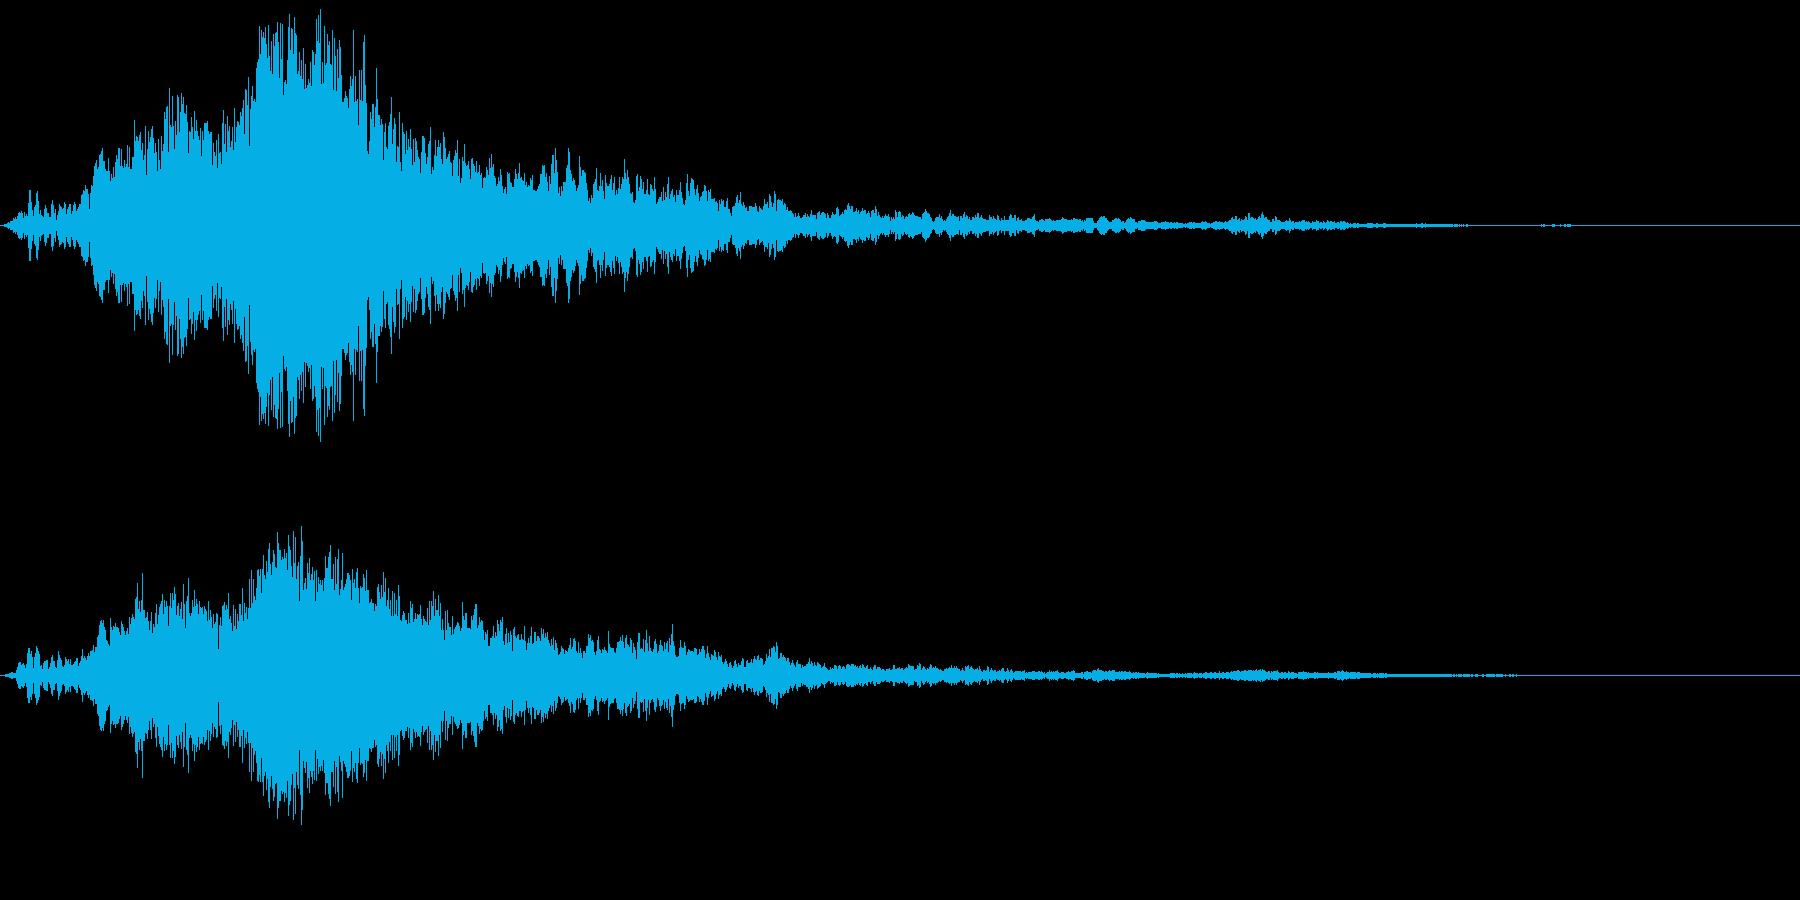 宇宙・星の幻想サウンド【サウンロゴ】の再生済みの波形